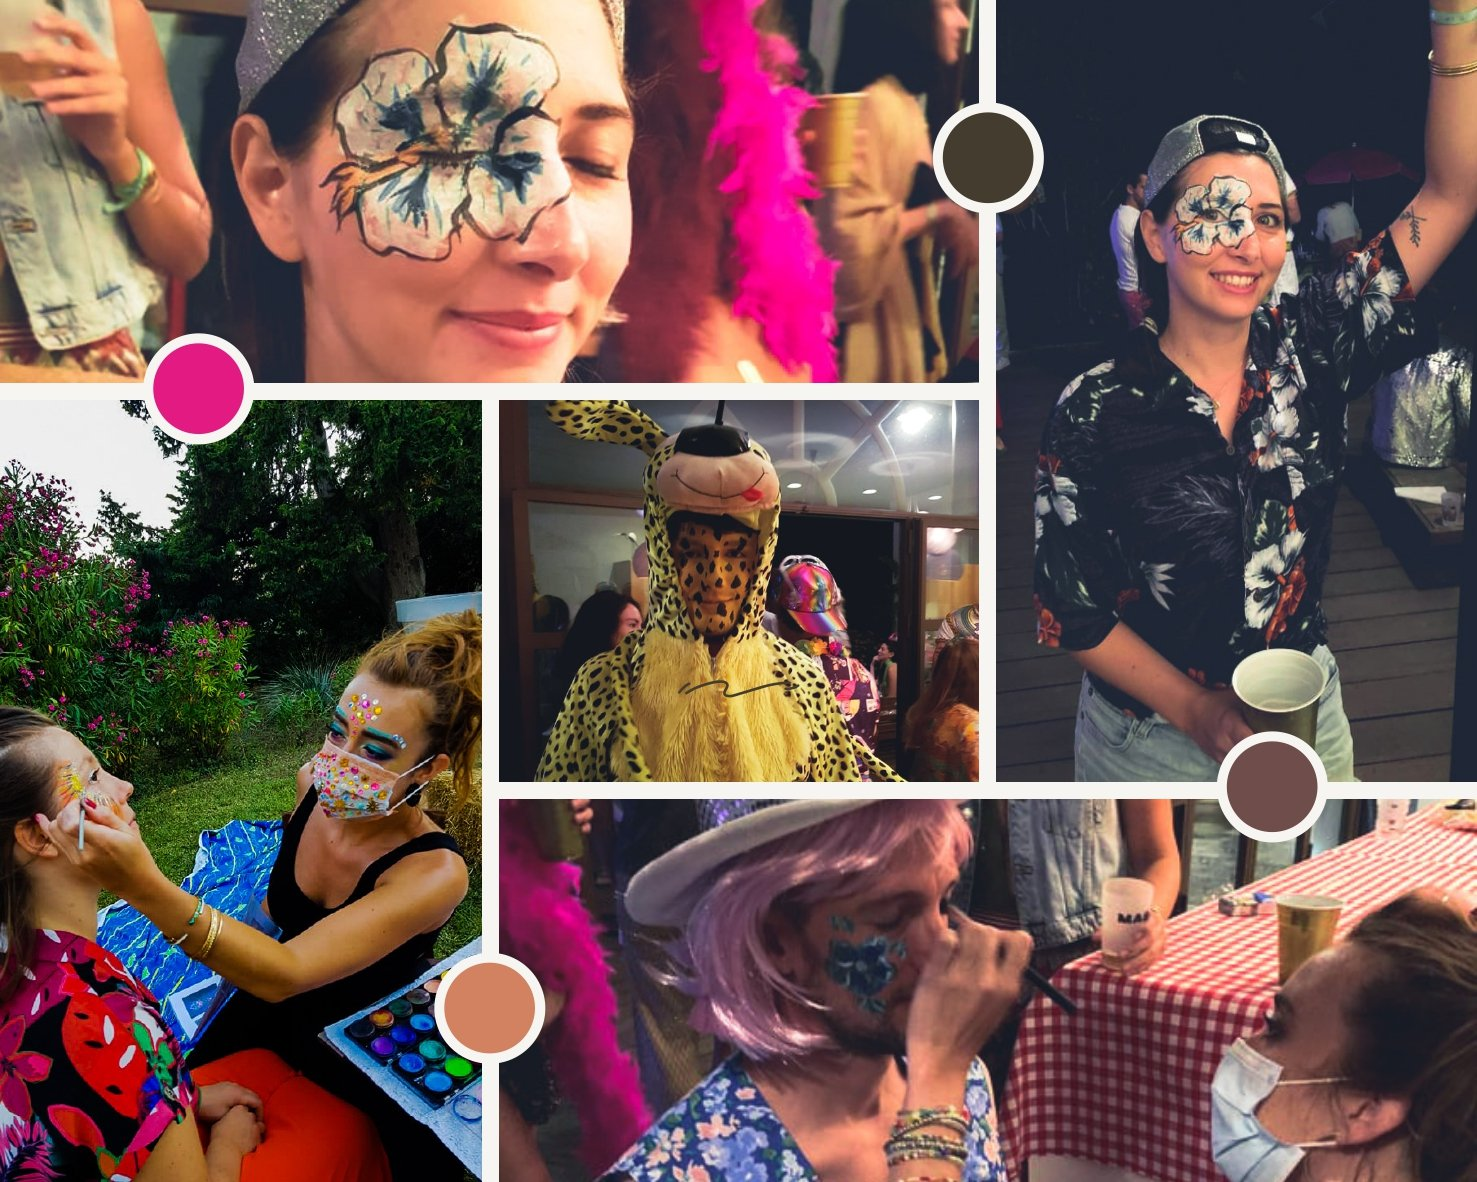 Maquillage évènement déguisé festival réalisée par une maquilleuse professionnel à Montpellier